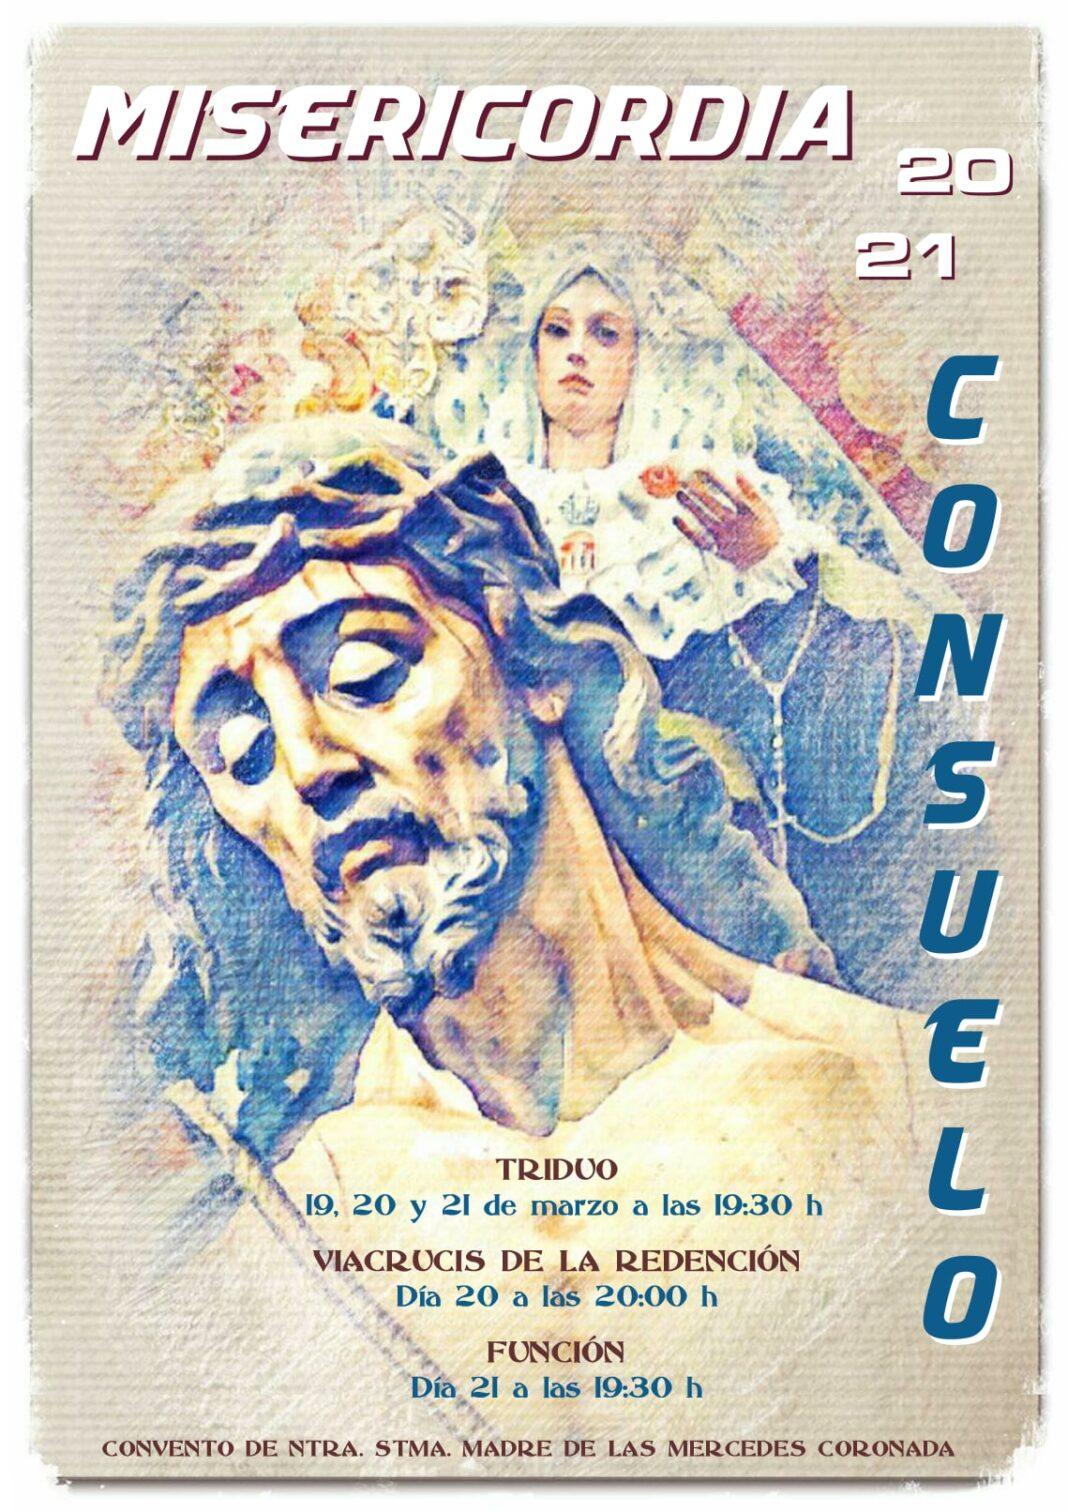 Vía Crucis de la Redención y actos en honor al Cristo del Consuelo 1